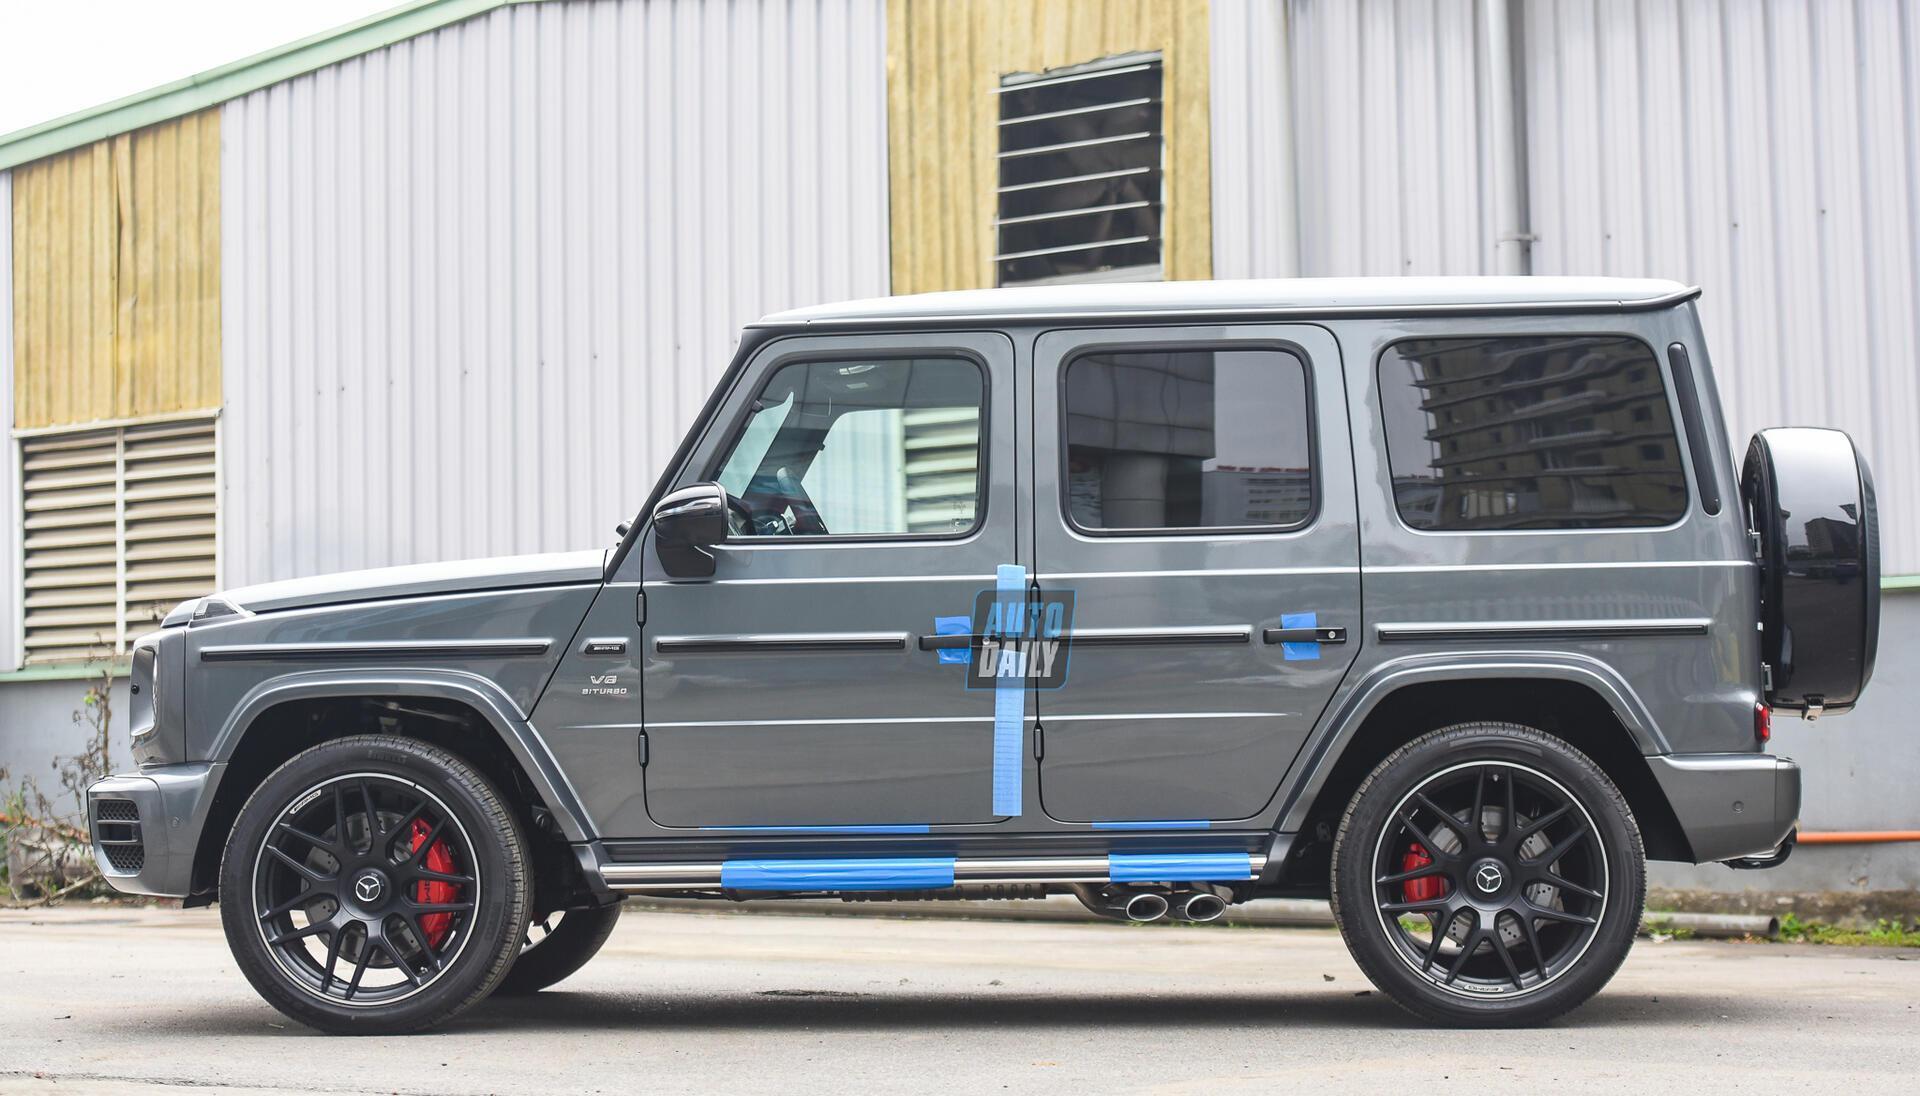 Ảnh chi tiết Mercedes G63 AMG 2021 bản cá nhân hoá giá khoảng 12 tỷ [6]